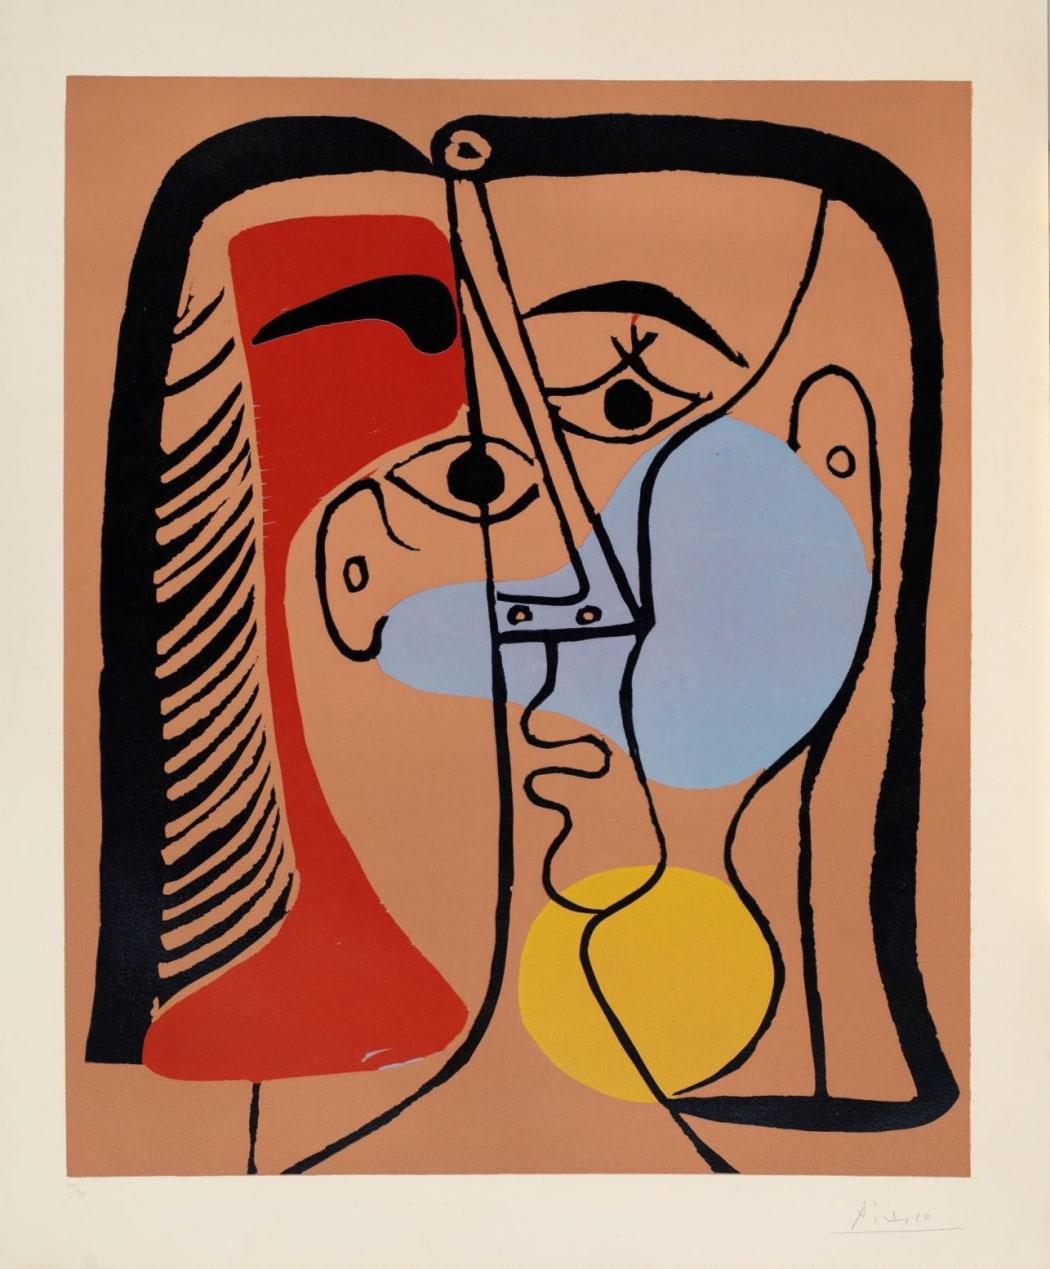 Portrait de Jacqueline aux cheveux lisses (Bloch 1066), 1962, linocut, 29 5/8 x 24 7/16 inches